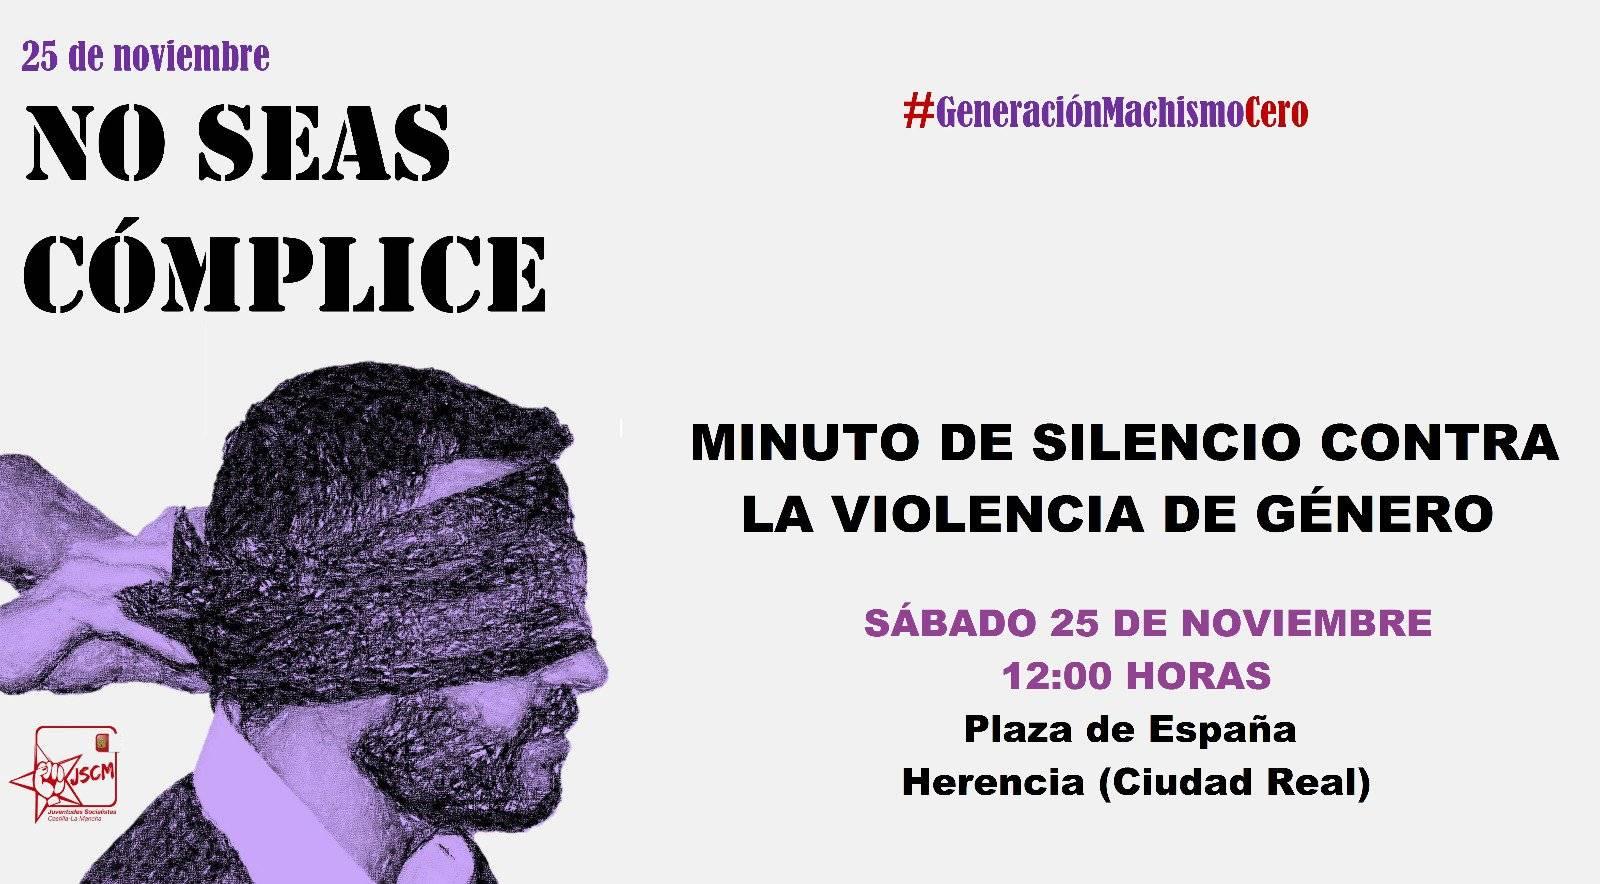 minuto contra violencia de genero - Minuto de silencio contra la violencia de género en Herencia